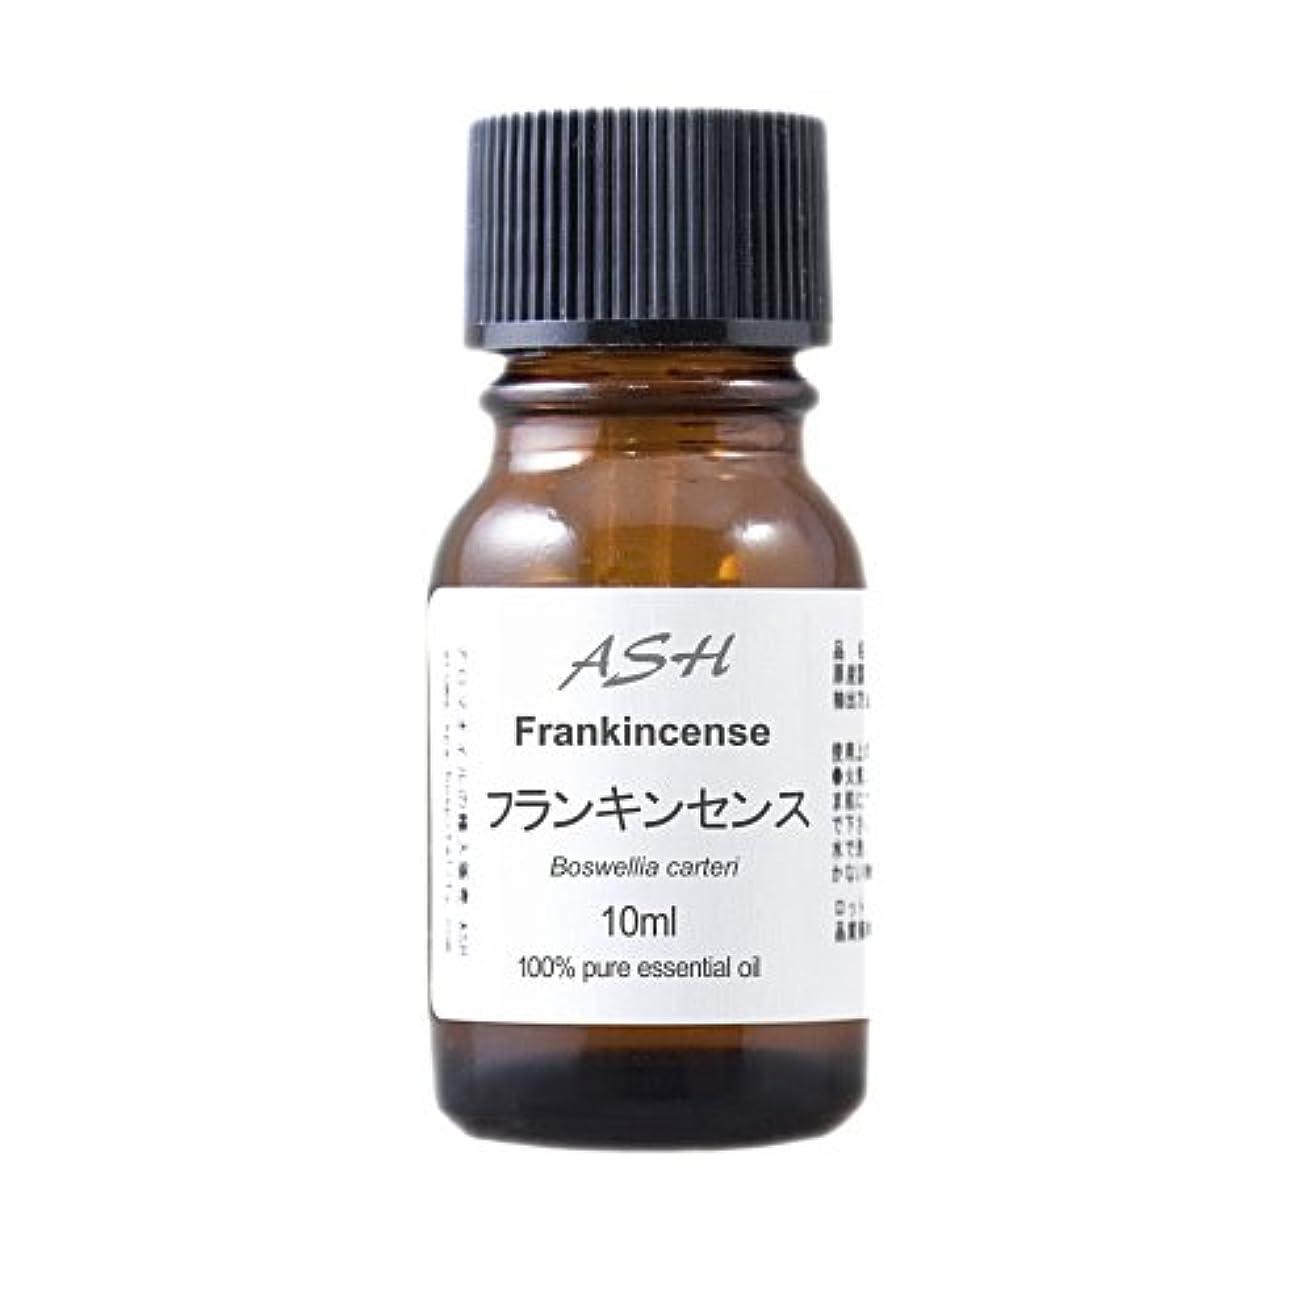 マスク改善する道徳ASH フランキンセンス エッセンシャルオイル 10ml AEAJ表示基準適合認定精油